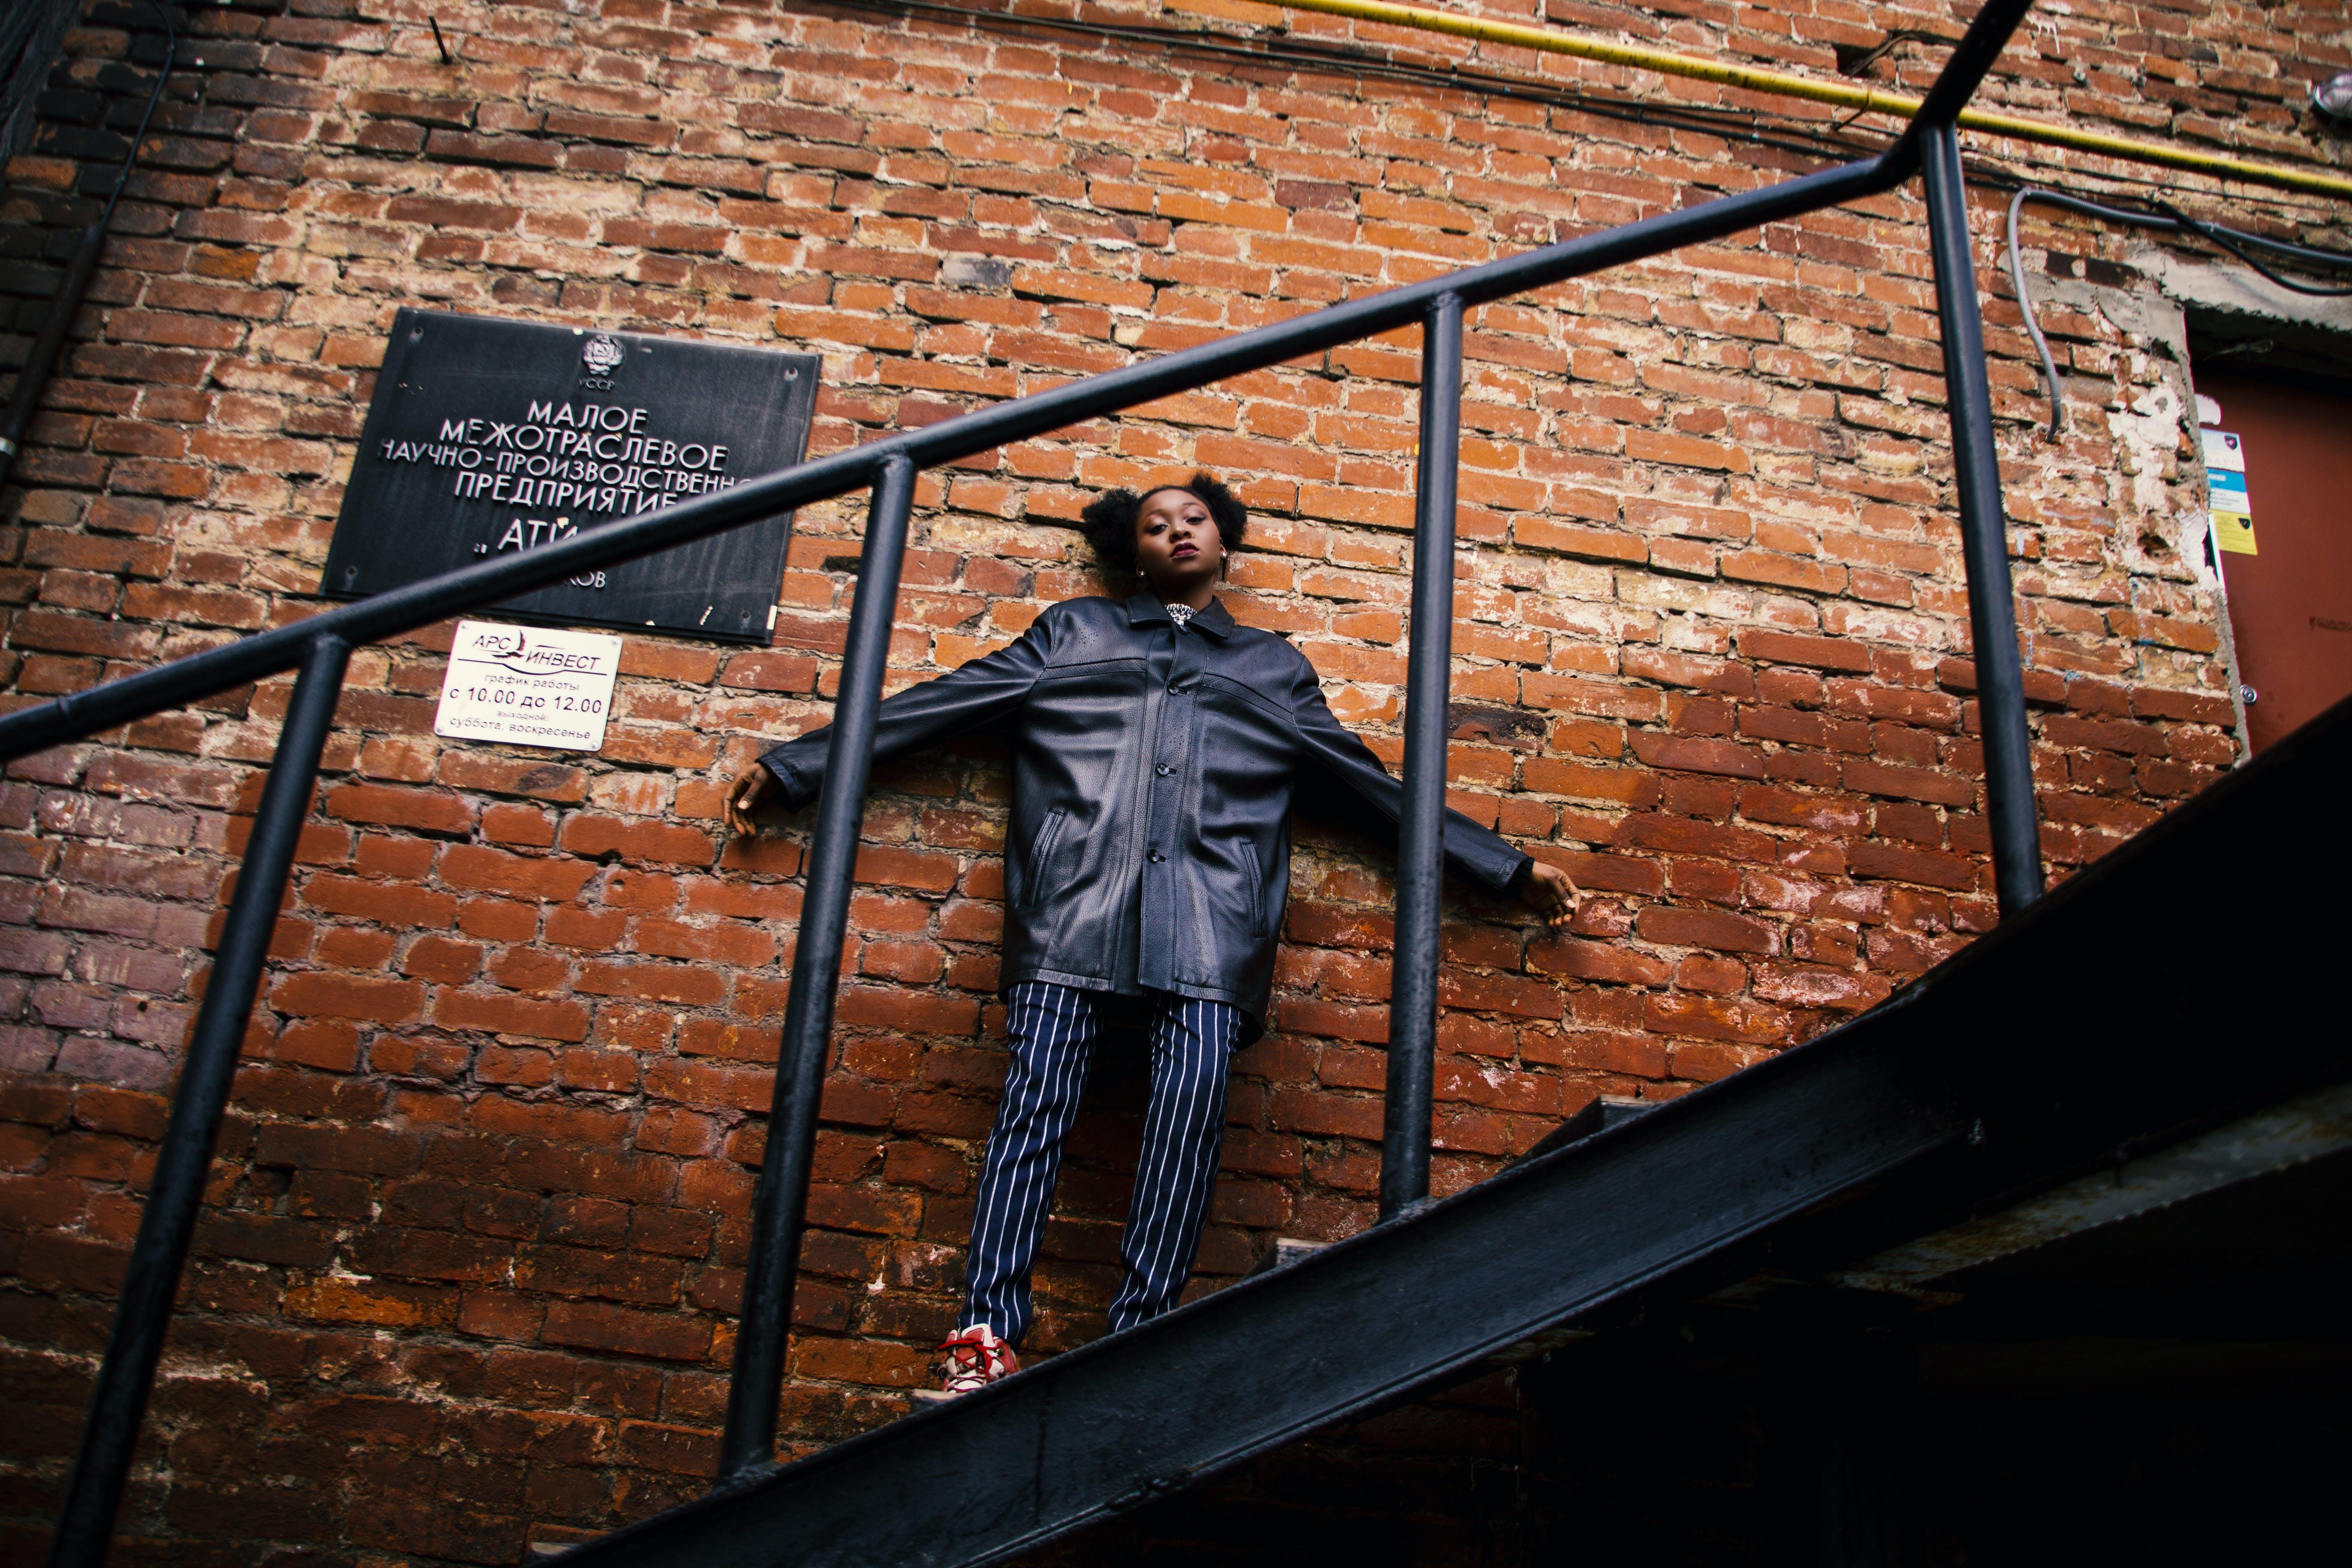 Kostnadsfri bild av afrikansk amerikan kvinna, arkitektur, byggnad, ha på sig